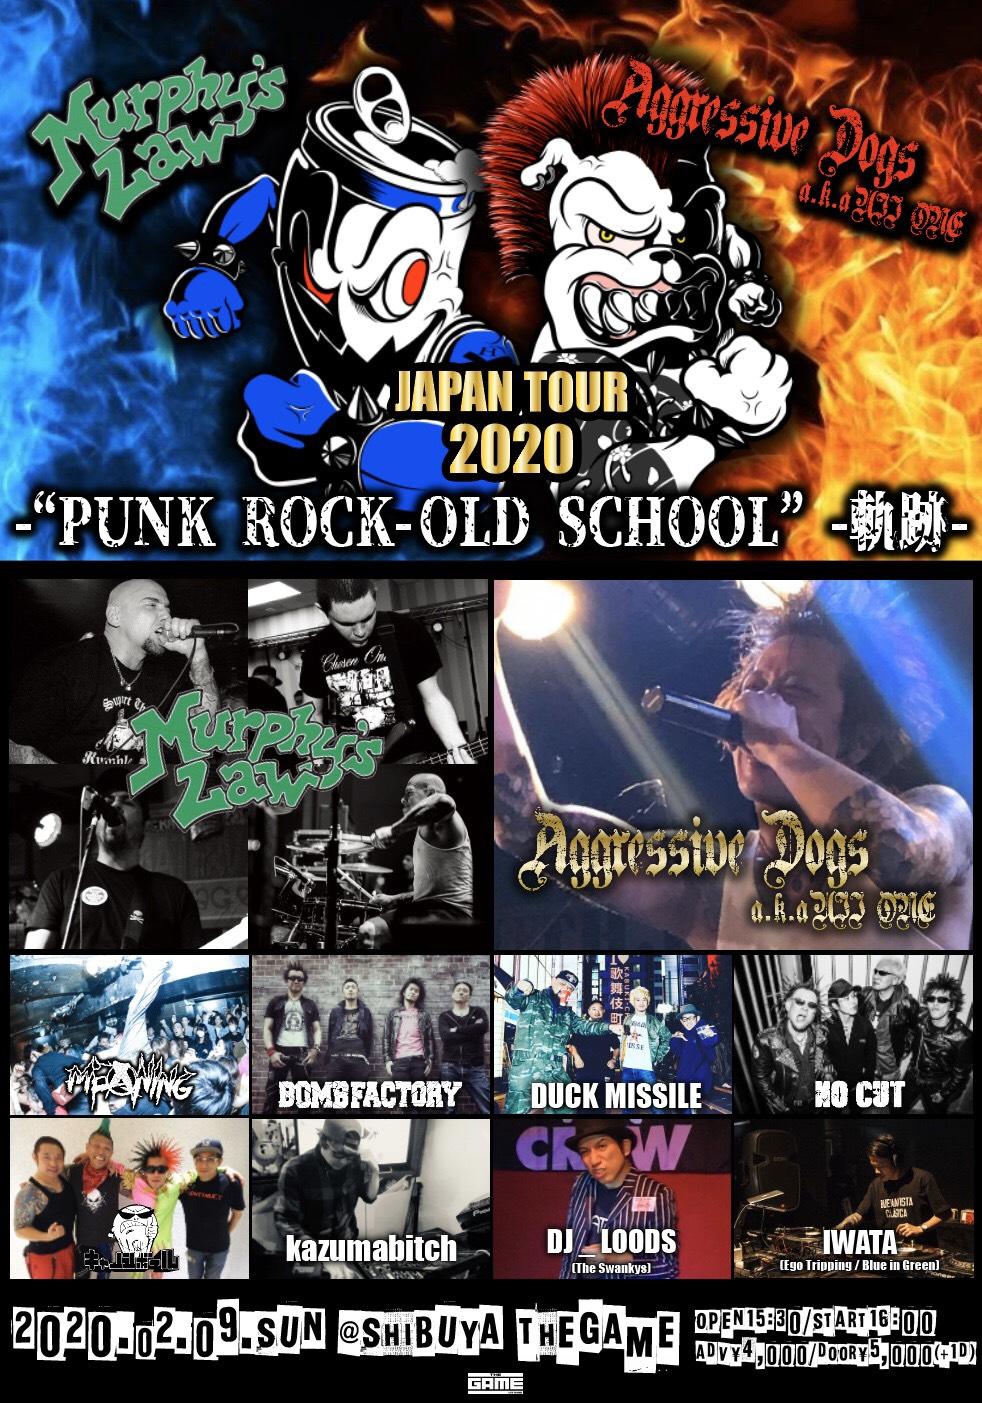 02/09(日) 渋谷 THE GAME